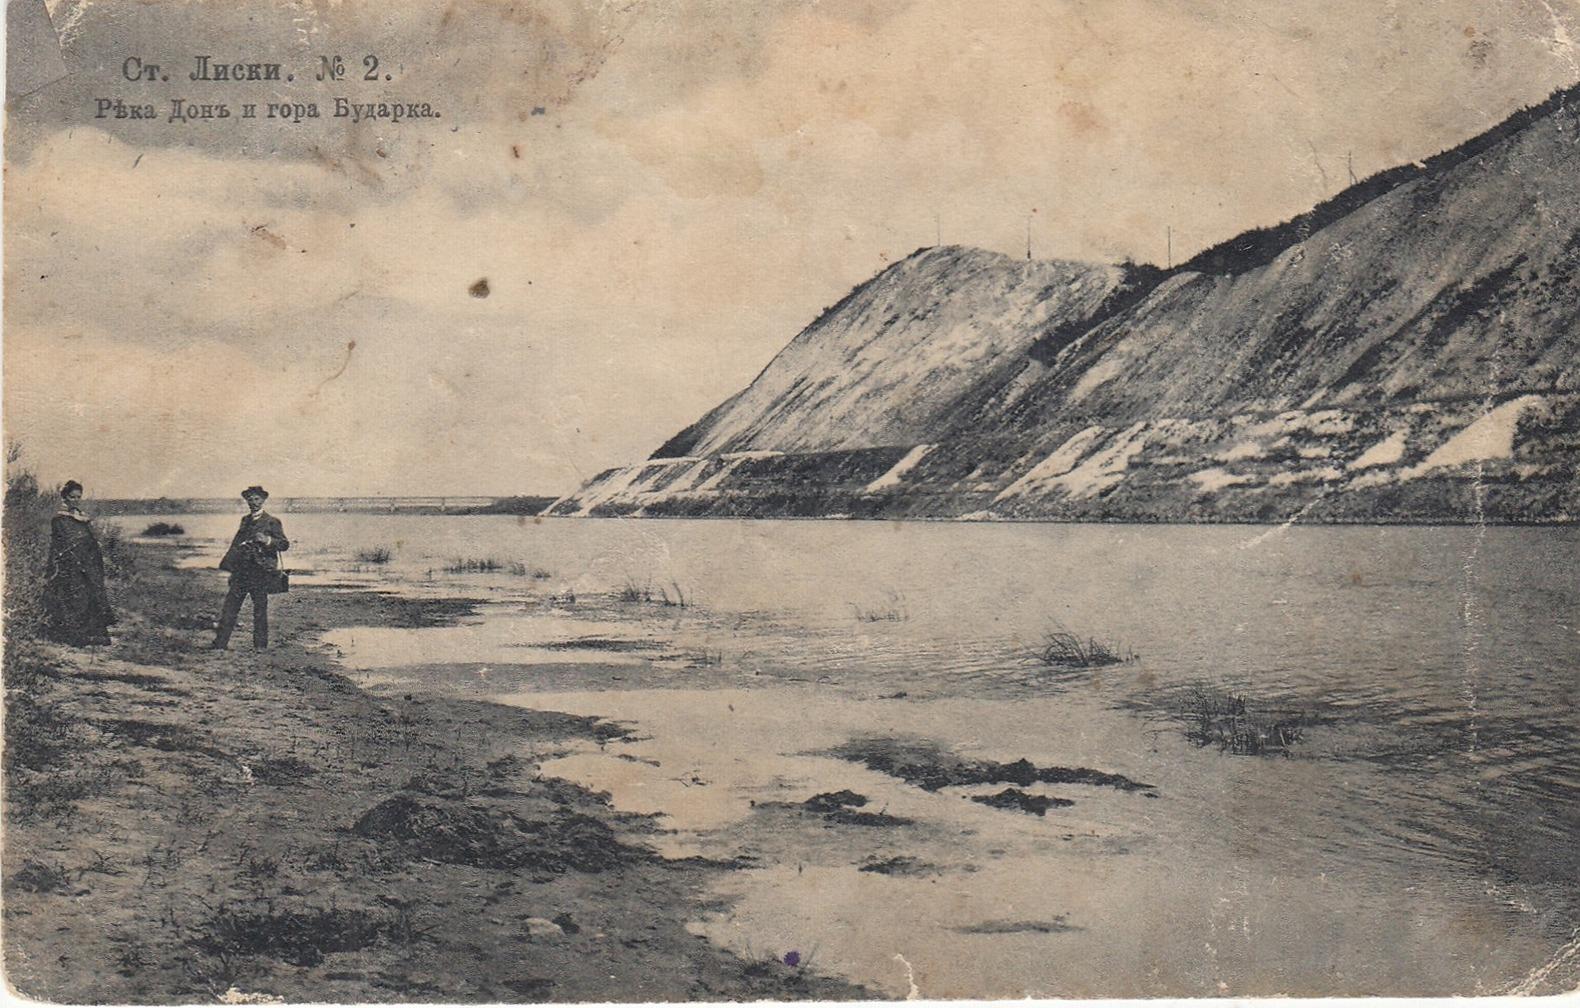 Река Дон и гора Бударка